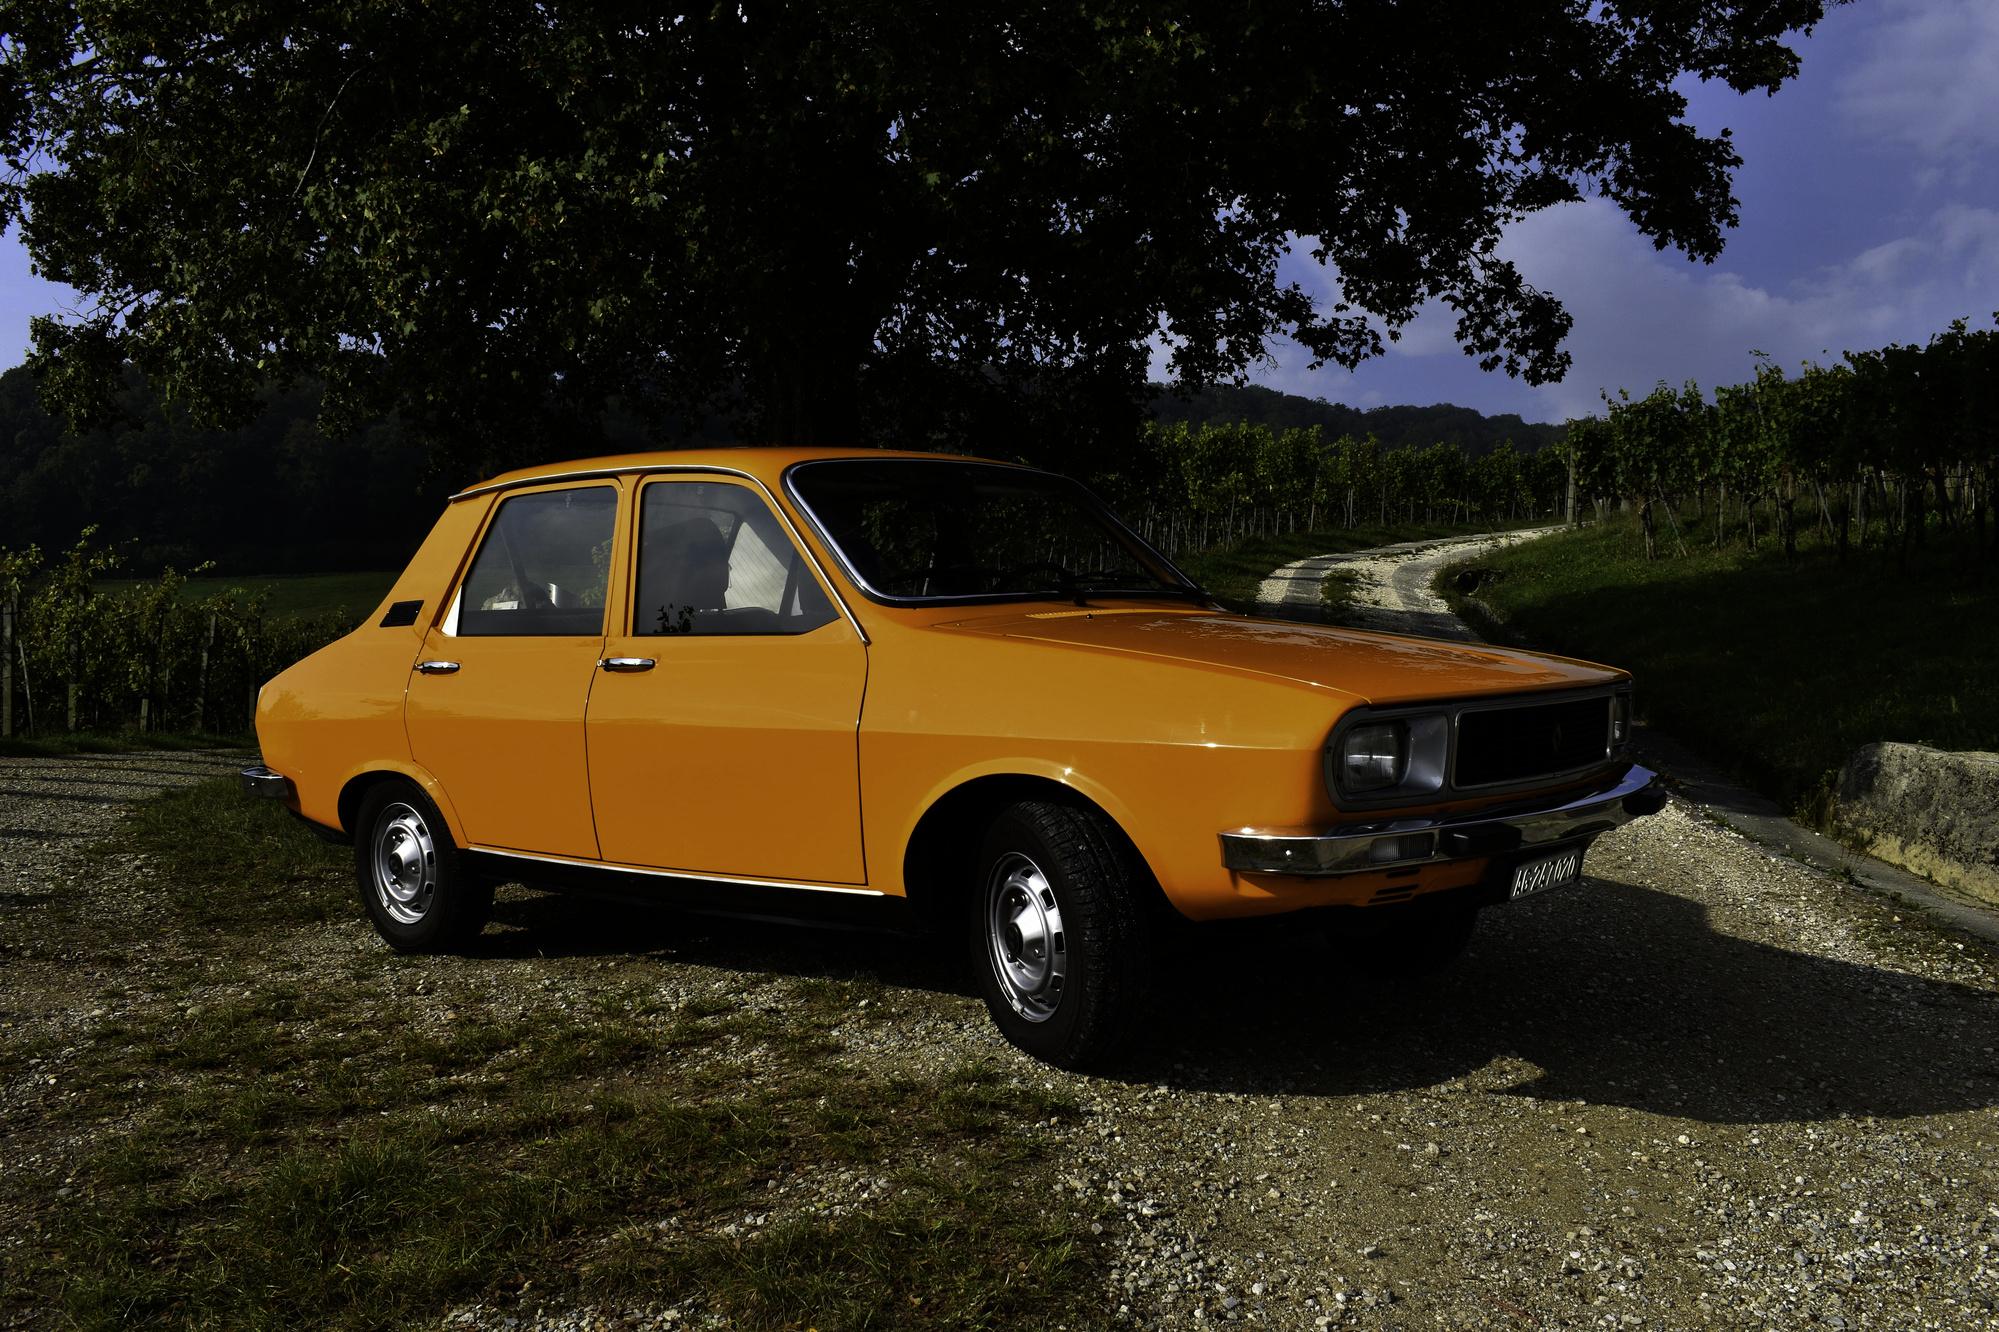 Auktionen Versteigerungen 1977 Renault 12 TL Ansicht von vorne in Rebbergen